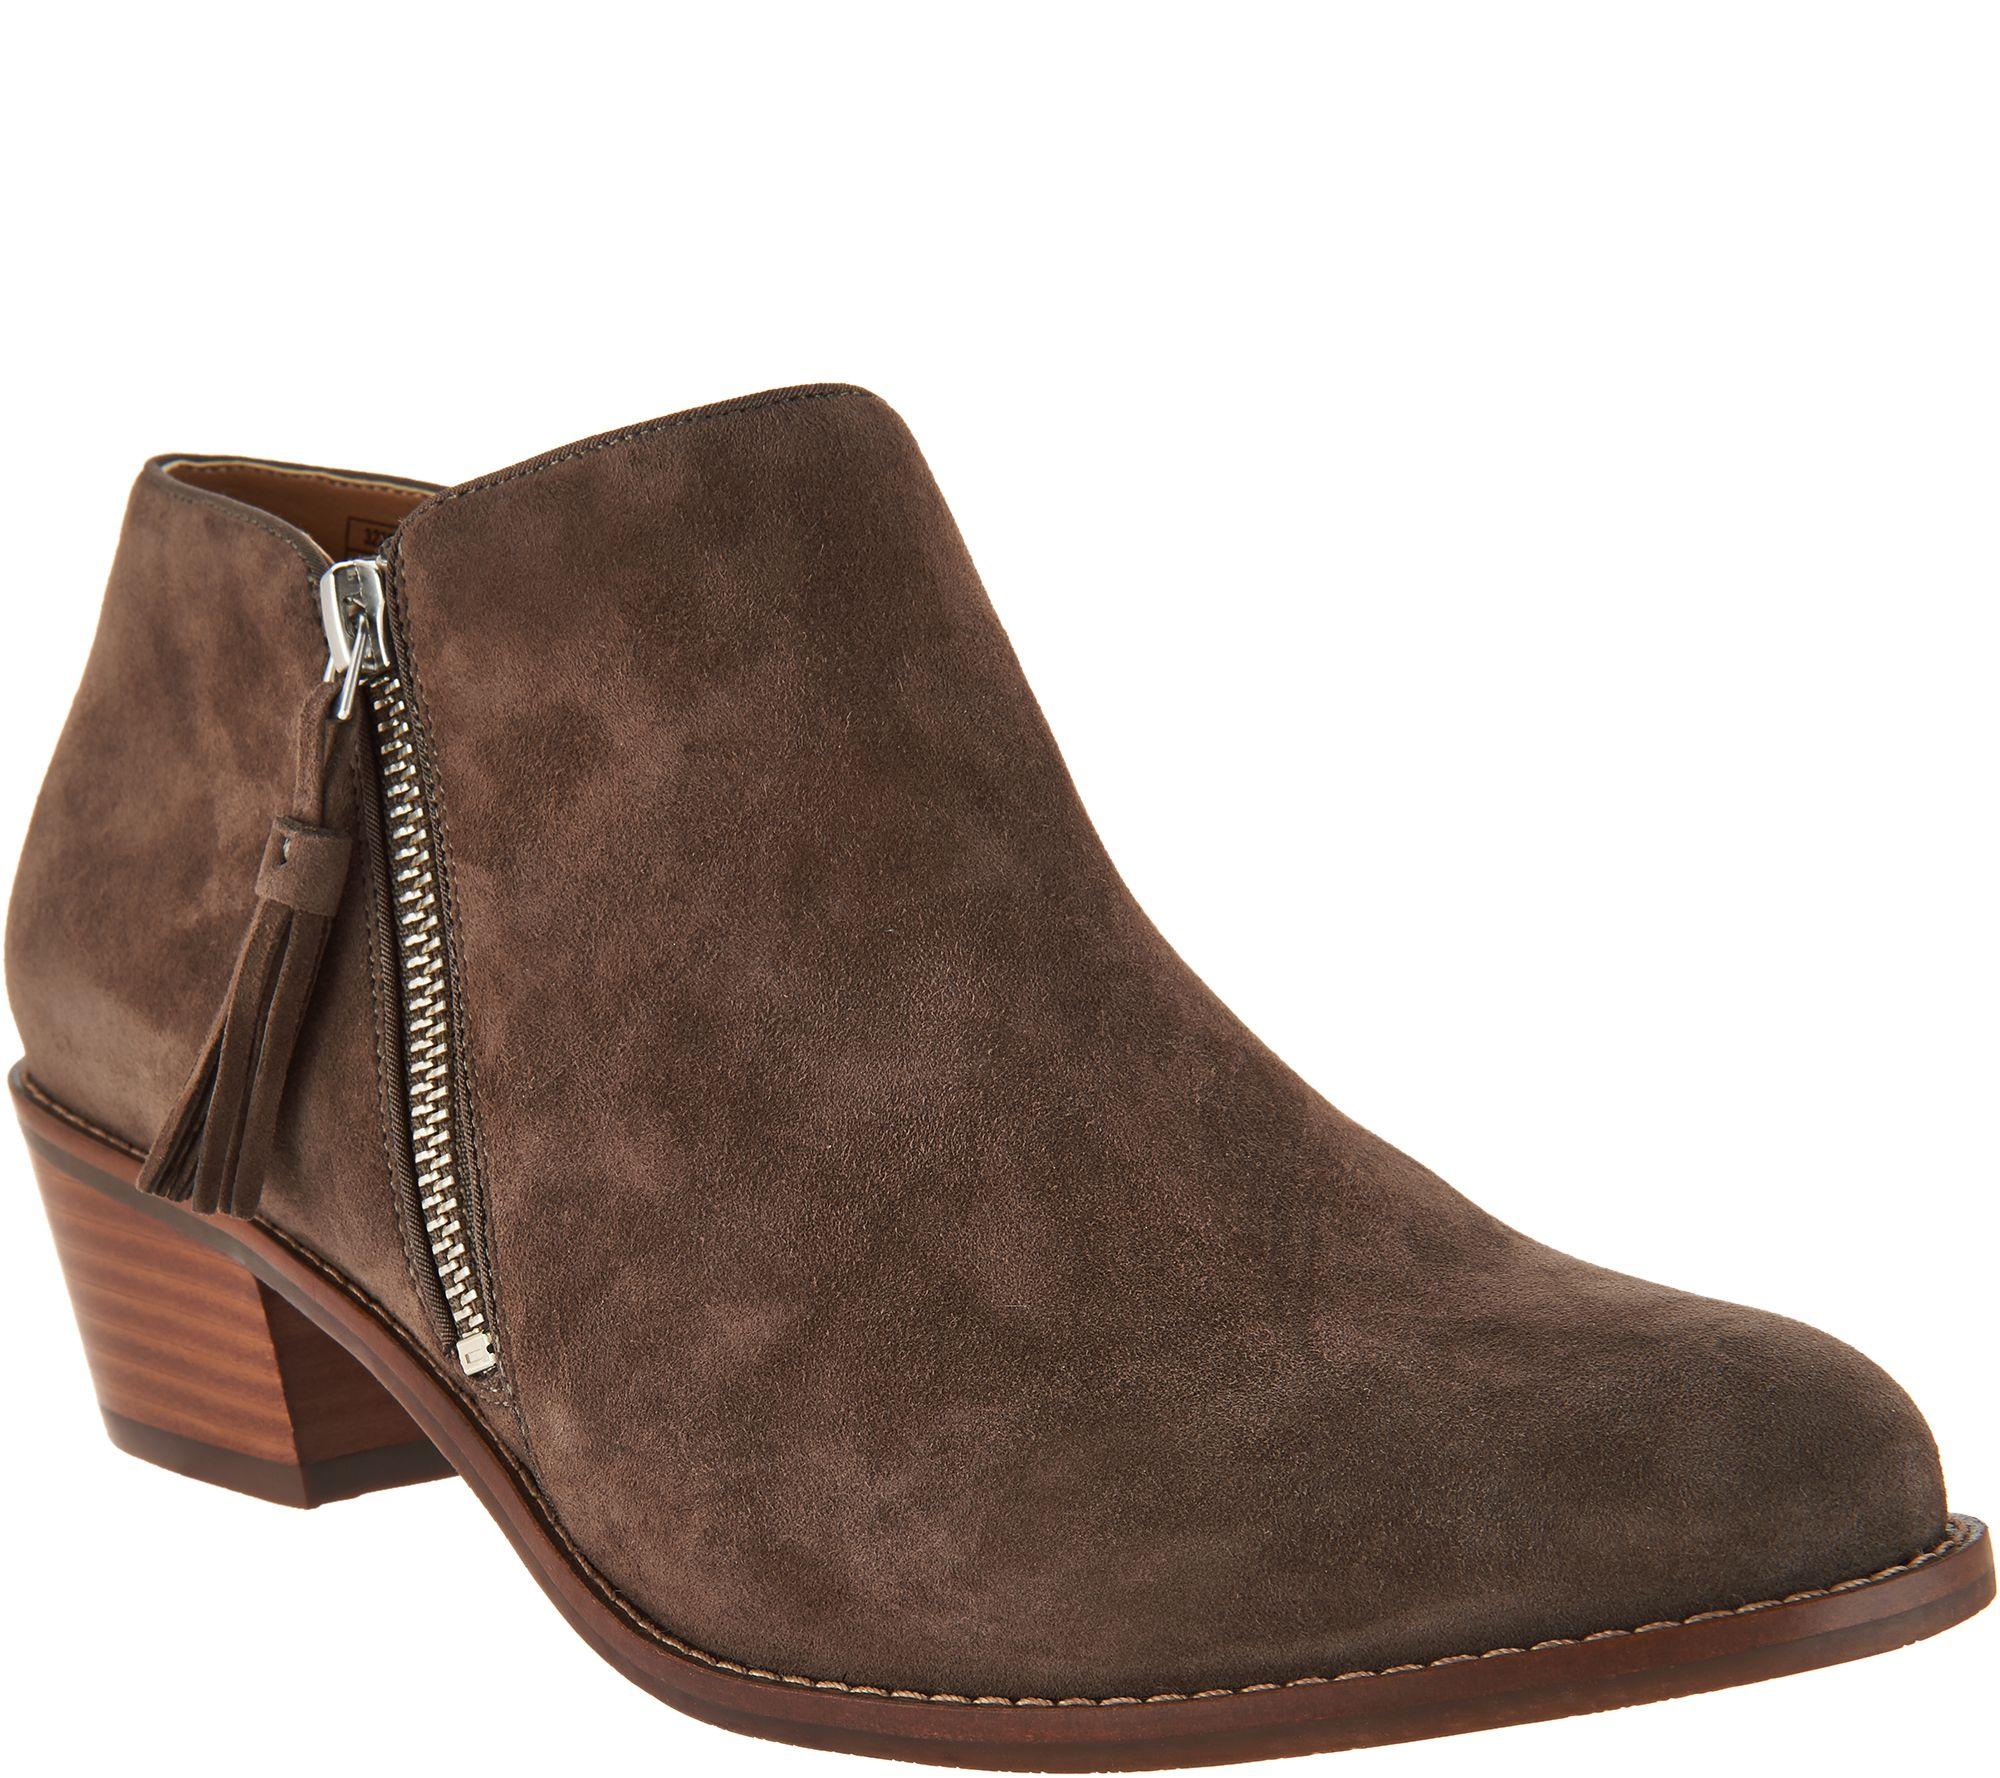 875220e74a8 Vionic Suede Ankle Boots - Serena — QVC.com